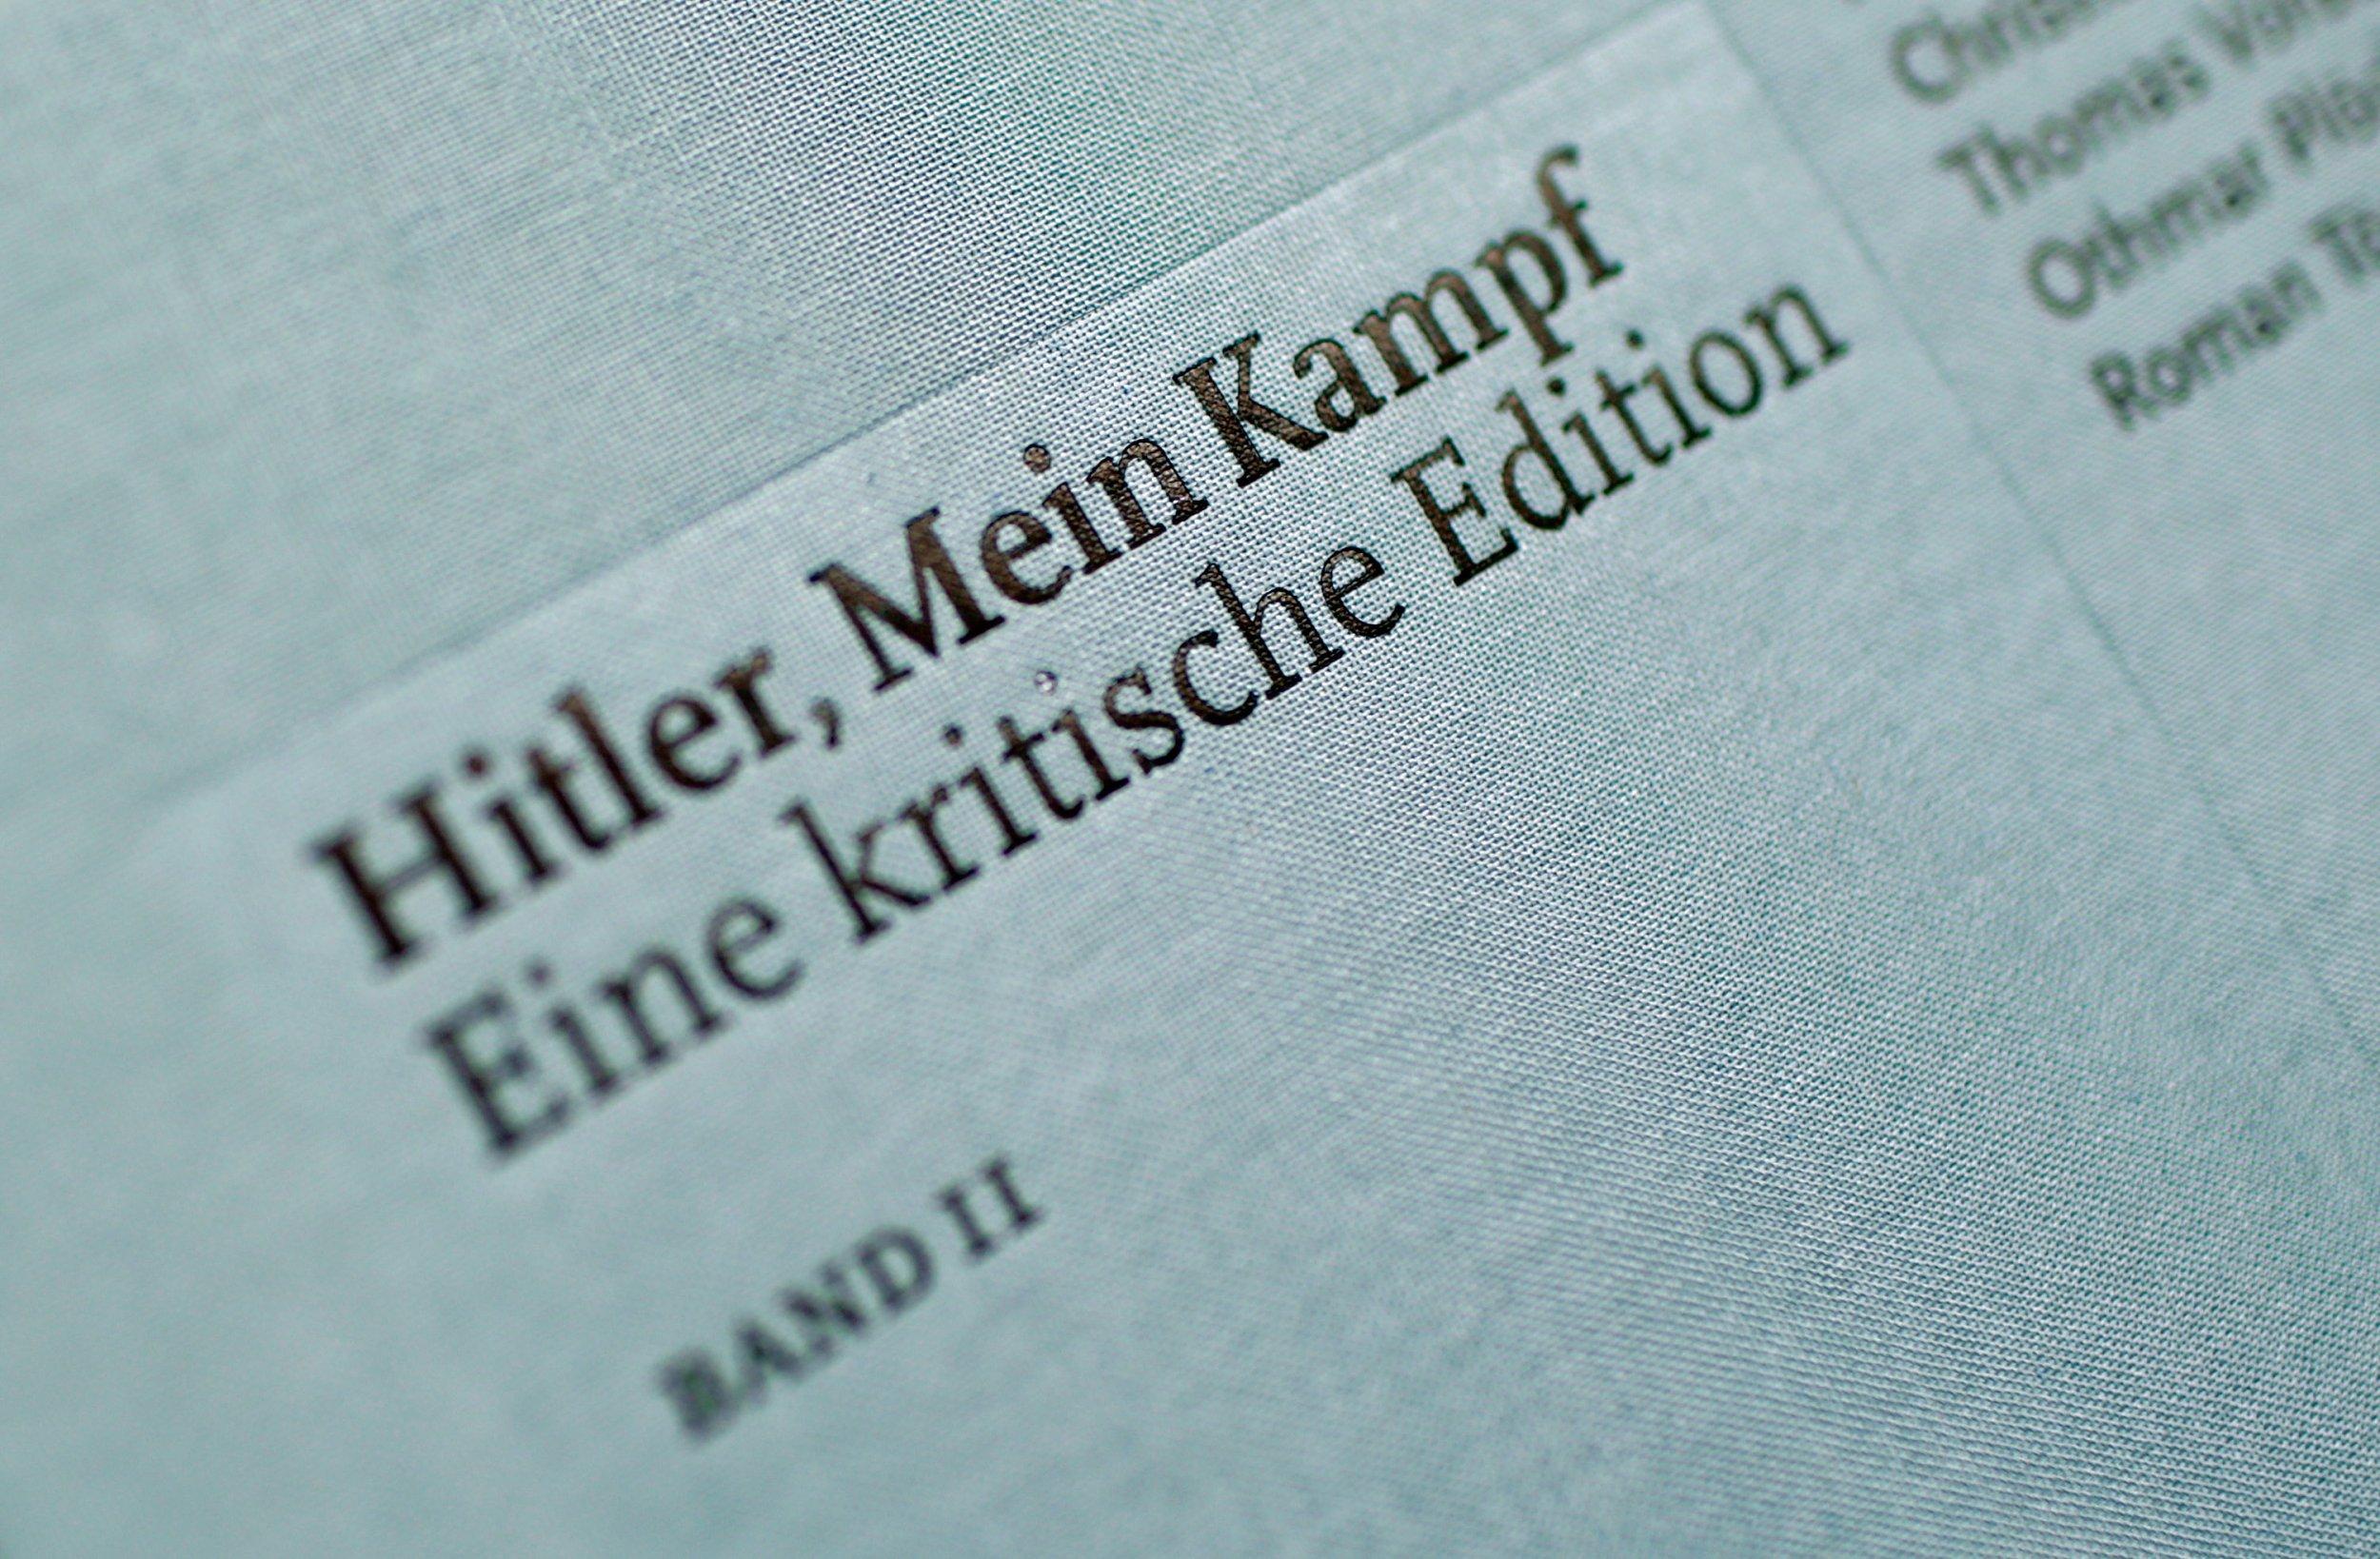 01_11_Mein_Kampf_01